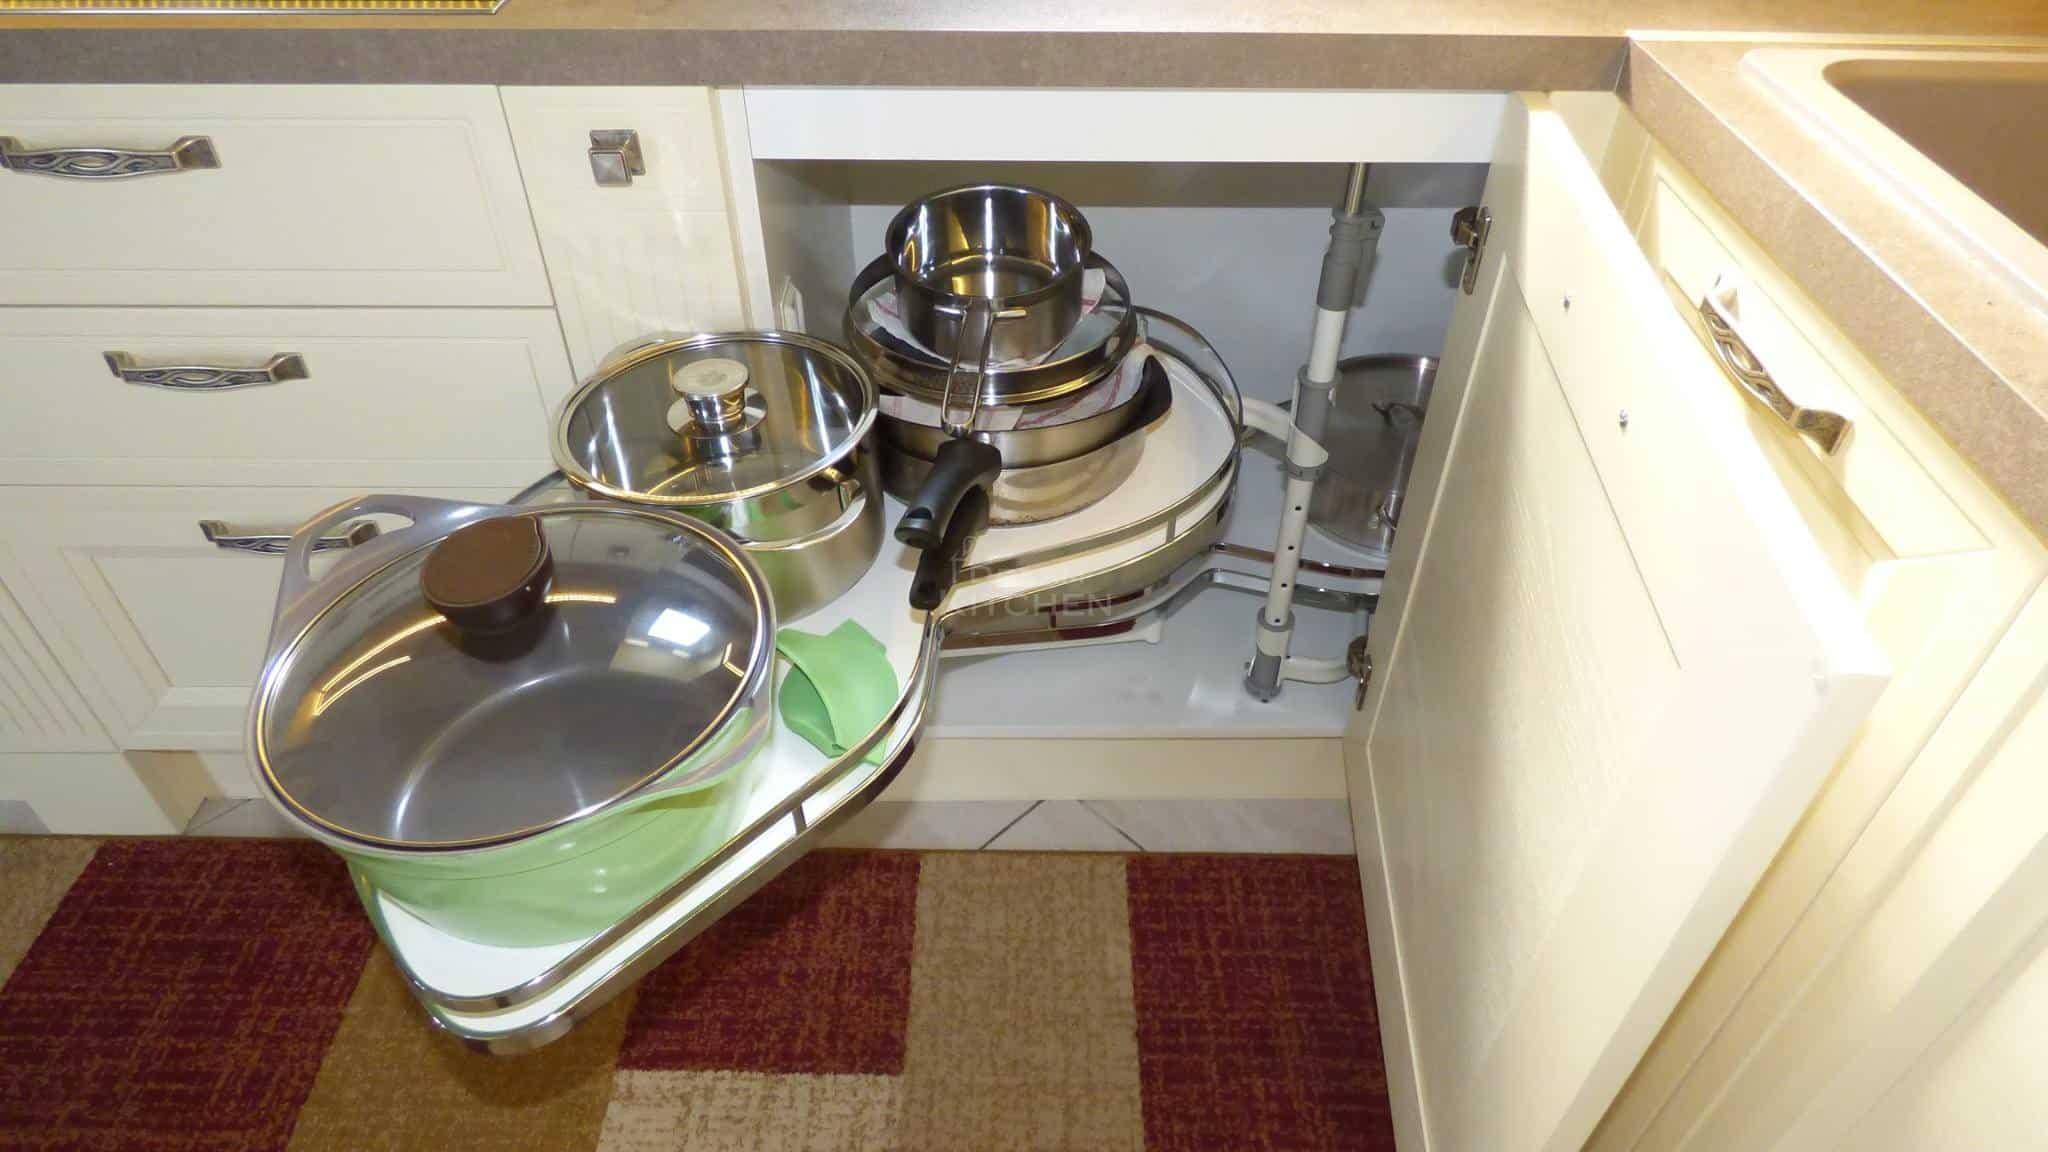 Επιπλα Κουζινας Ημιμασίφ Dream Vaniglia 18